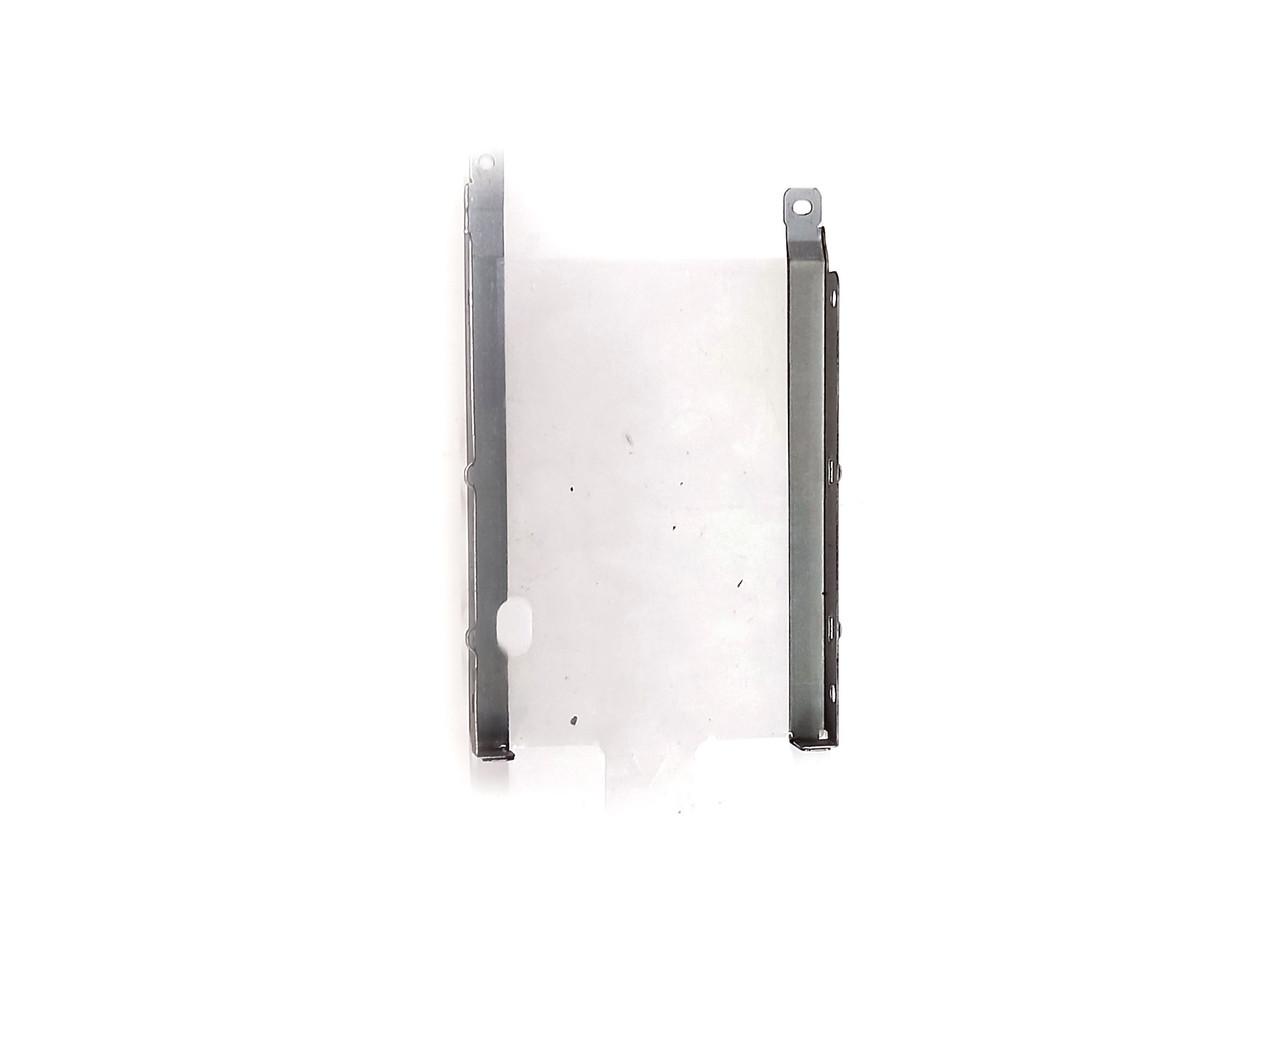 Шасси для ноутбука Acer E531